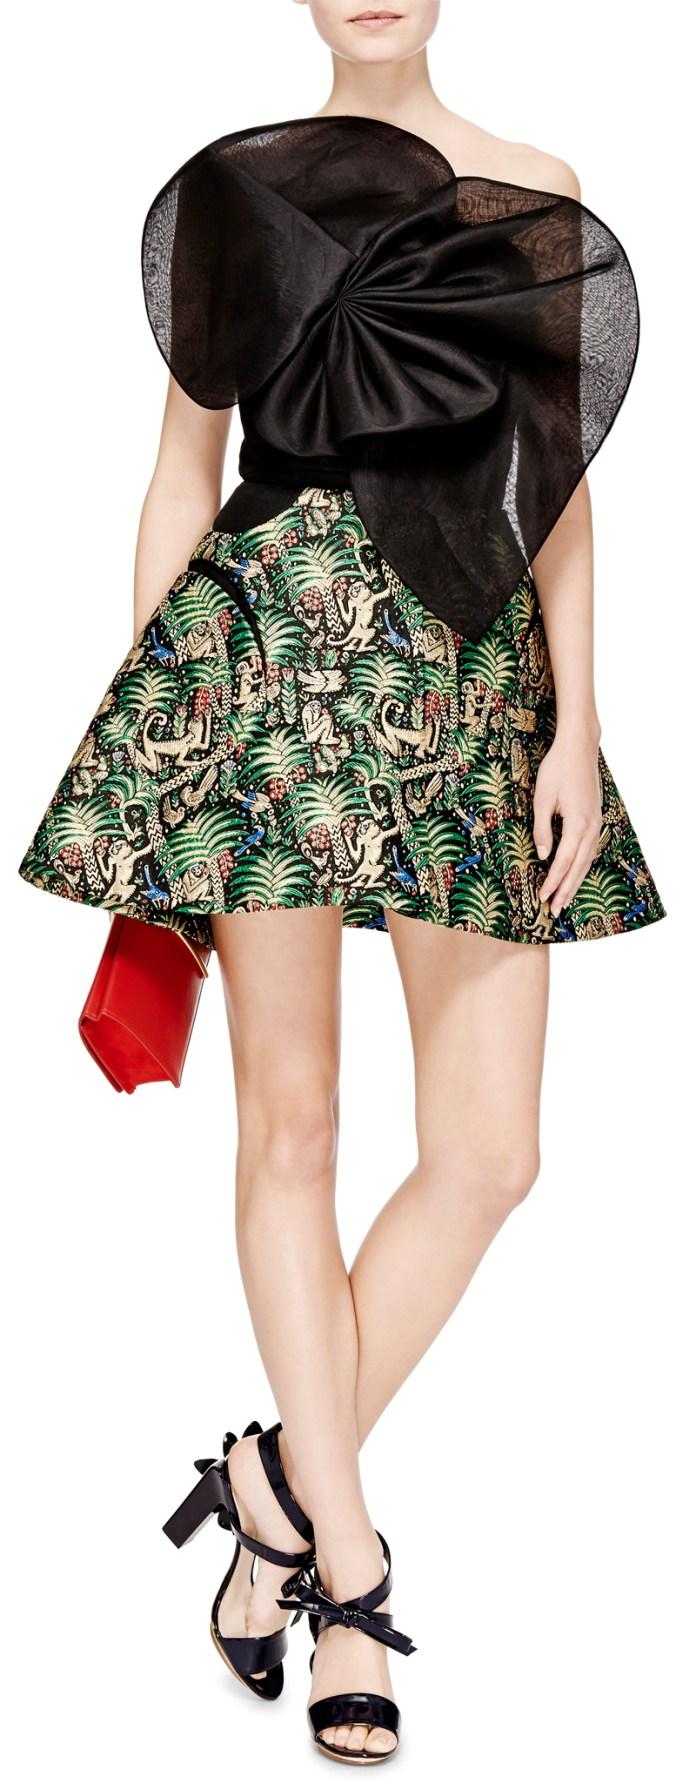 Delpozo black organza top with Delpozo green jungle print jacquard skirt